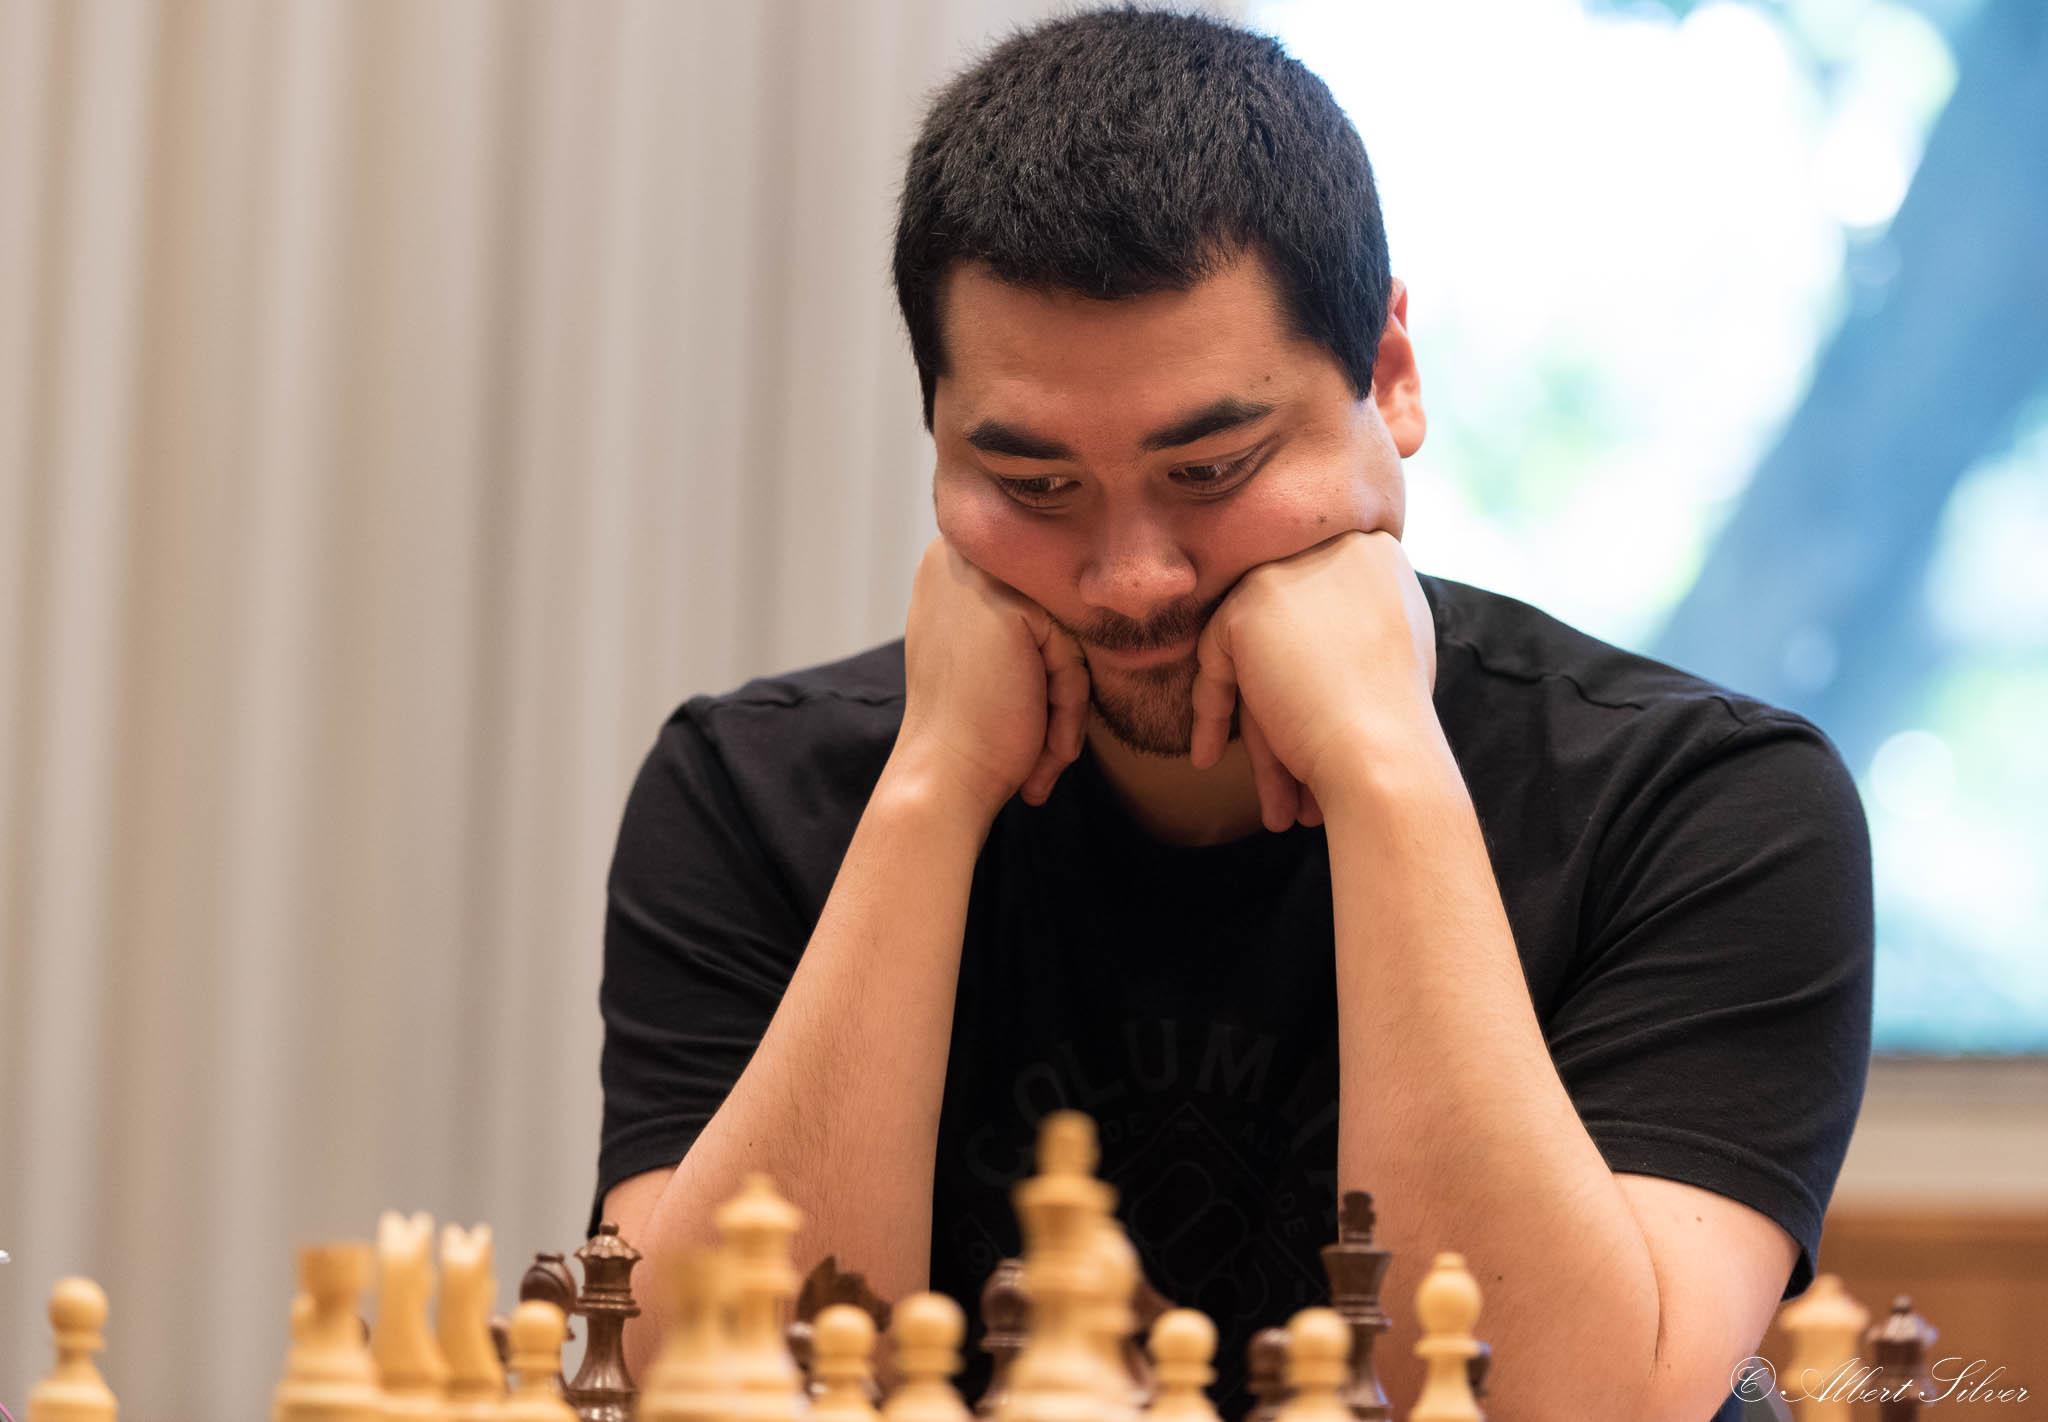 Resultado de imagem para fier chess